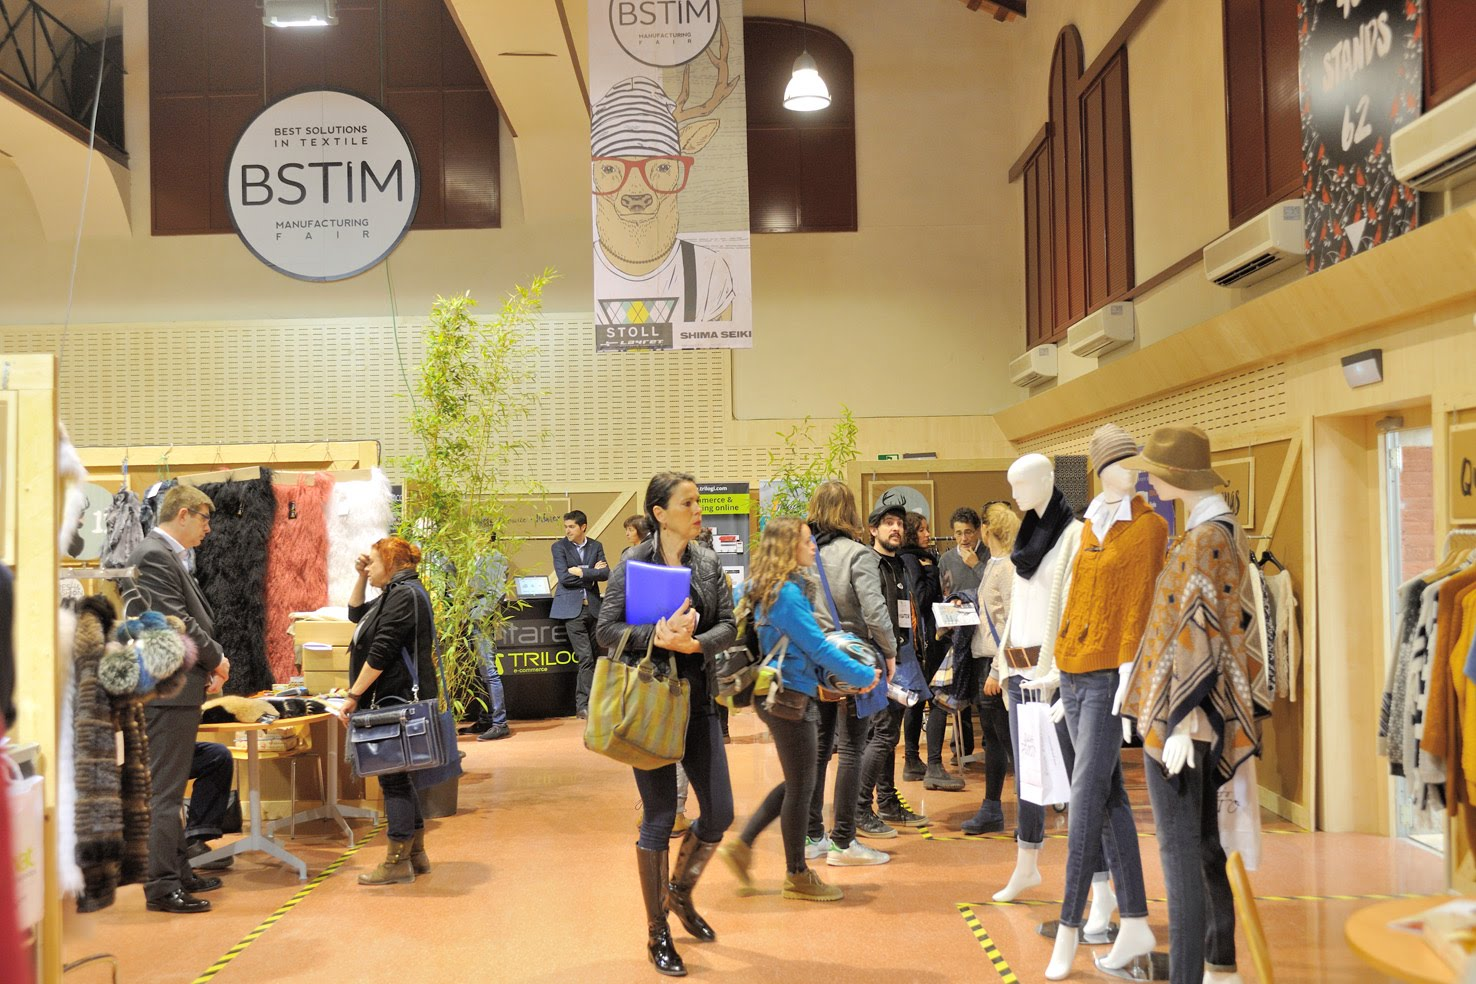 Trilogi - TLG Commerce participa en la feria textil BSTIM